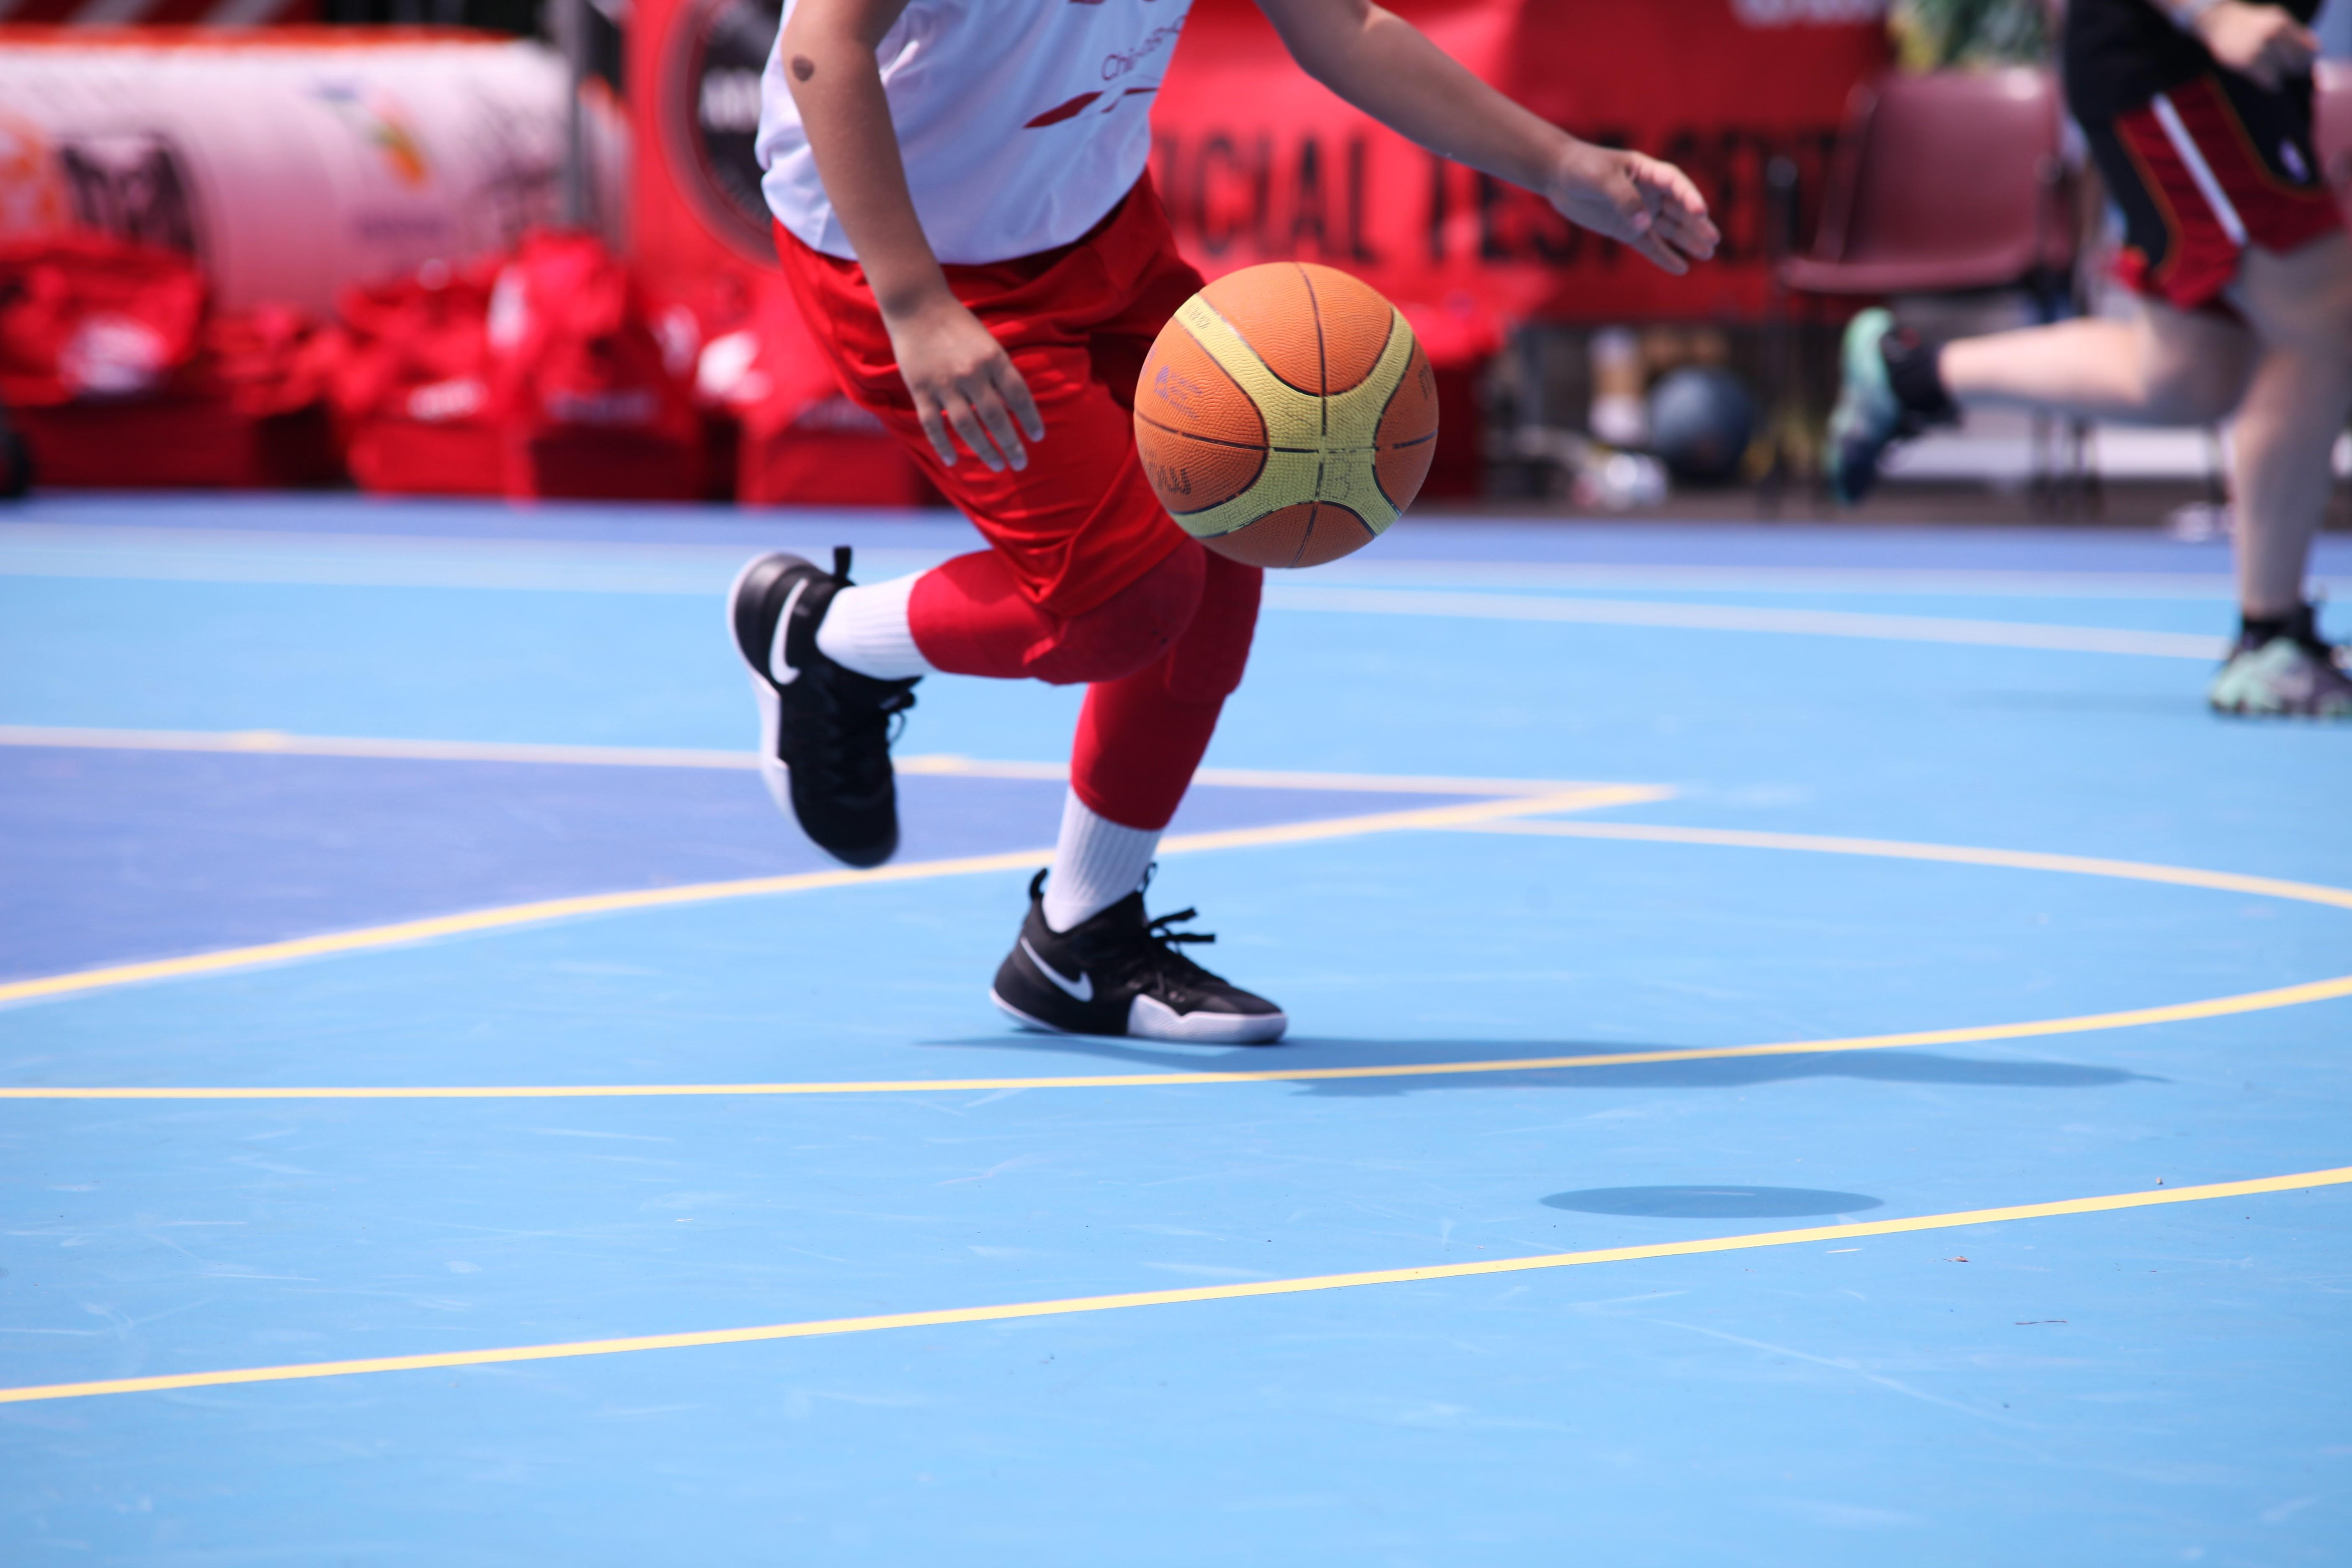 campobasket.jpg